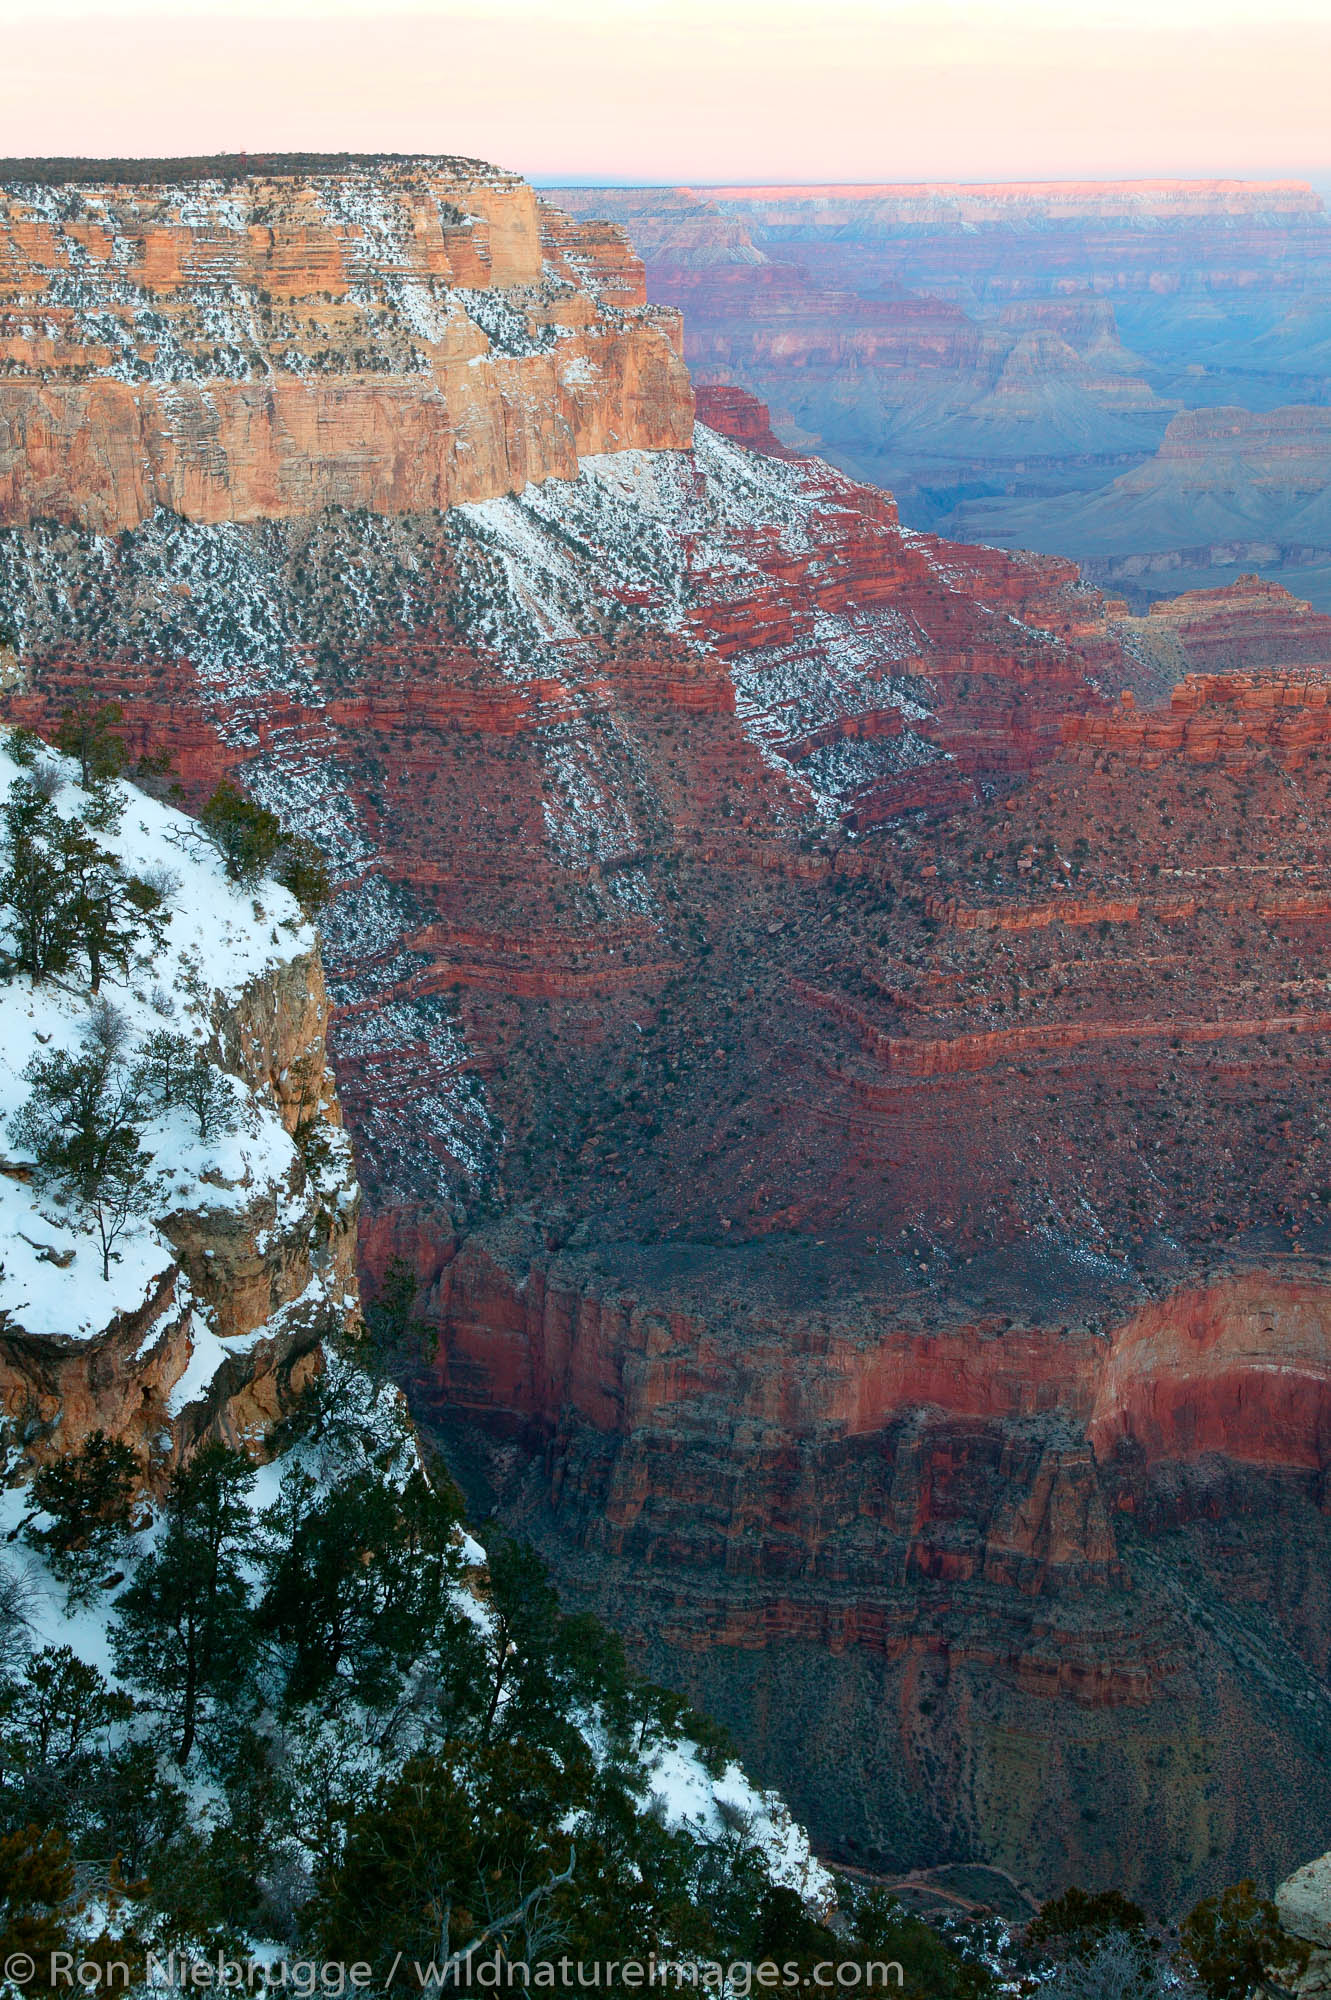 Morning at Yavapai Point, Grand Canyon National Park, Arizona.